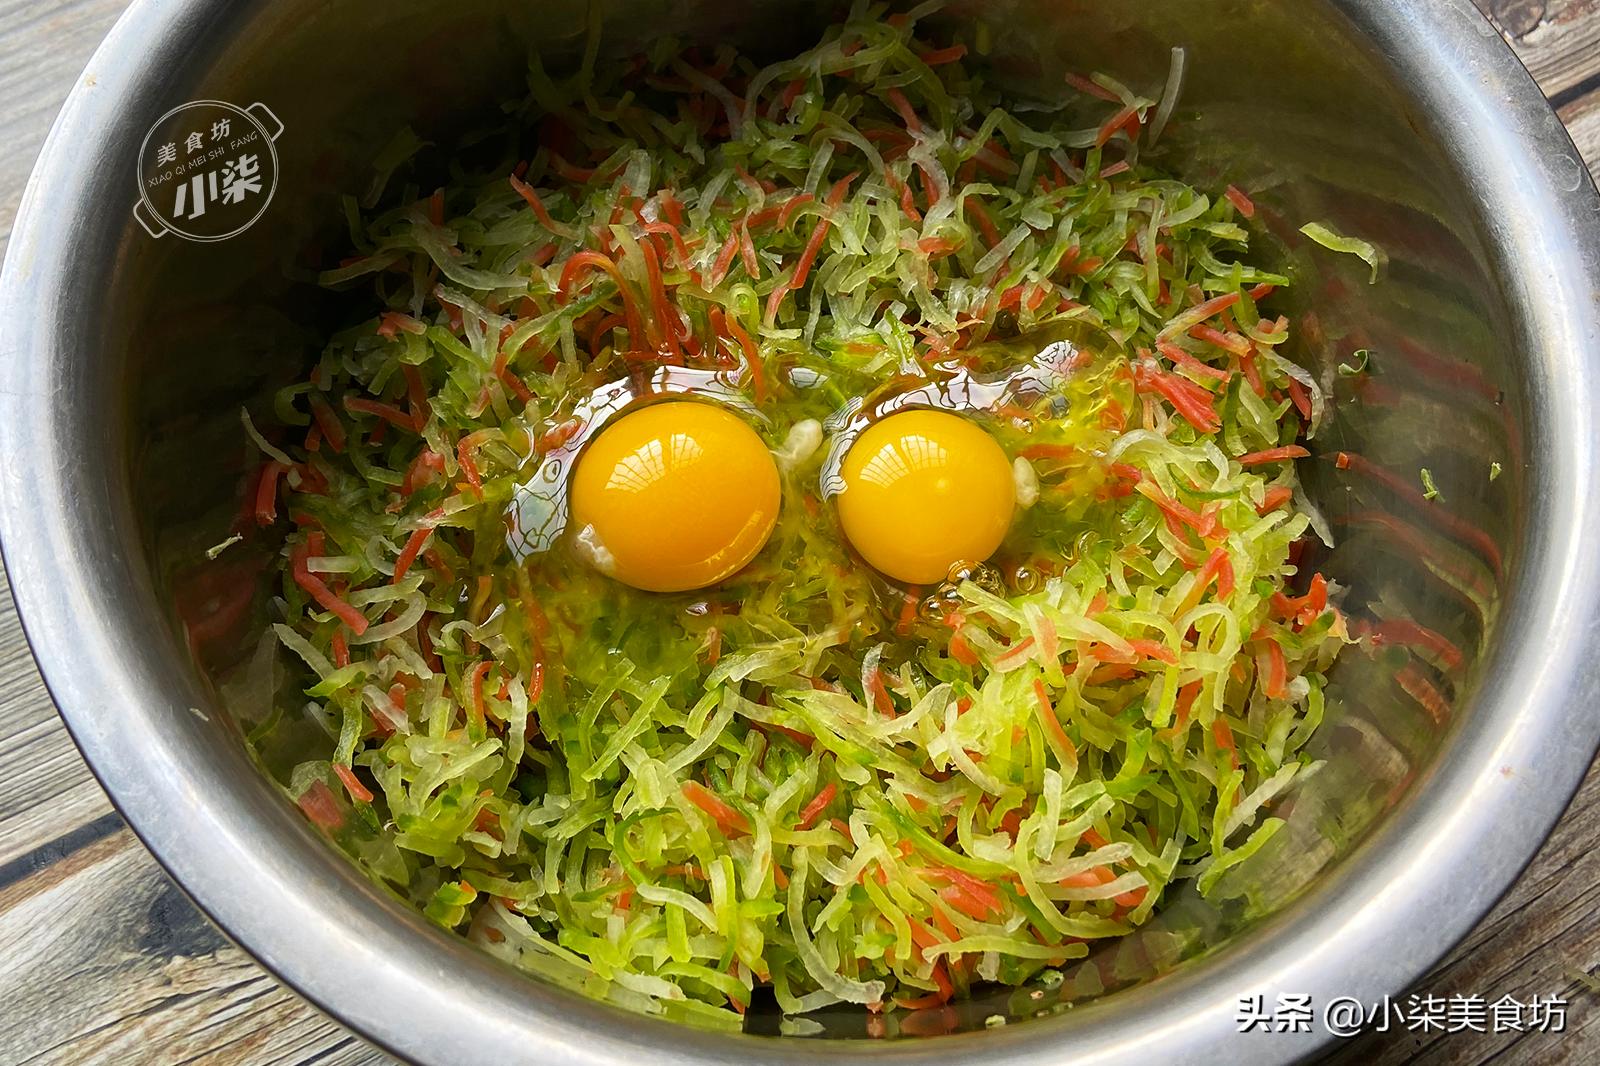 炸蘿蔔丸子不加一滴水,老式做法,丸子外酥裡軟,放10天也不硬